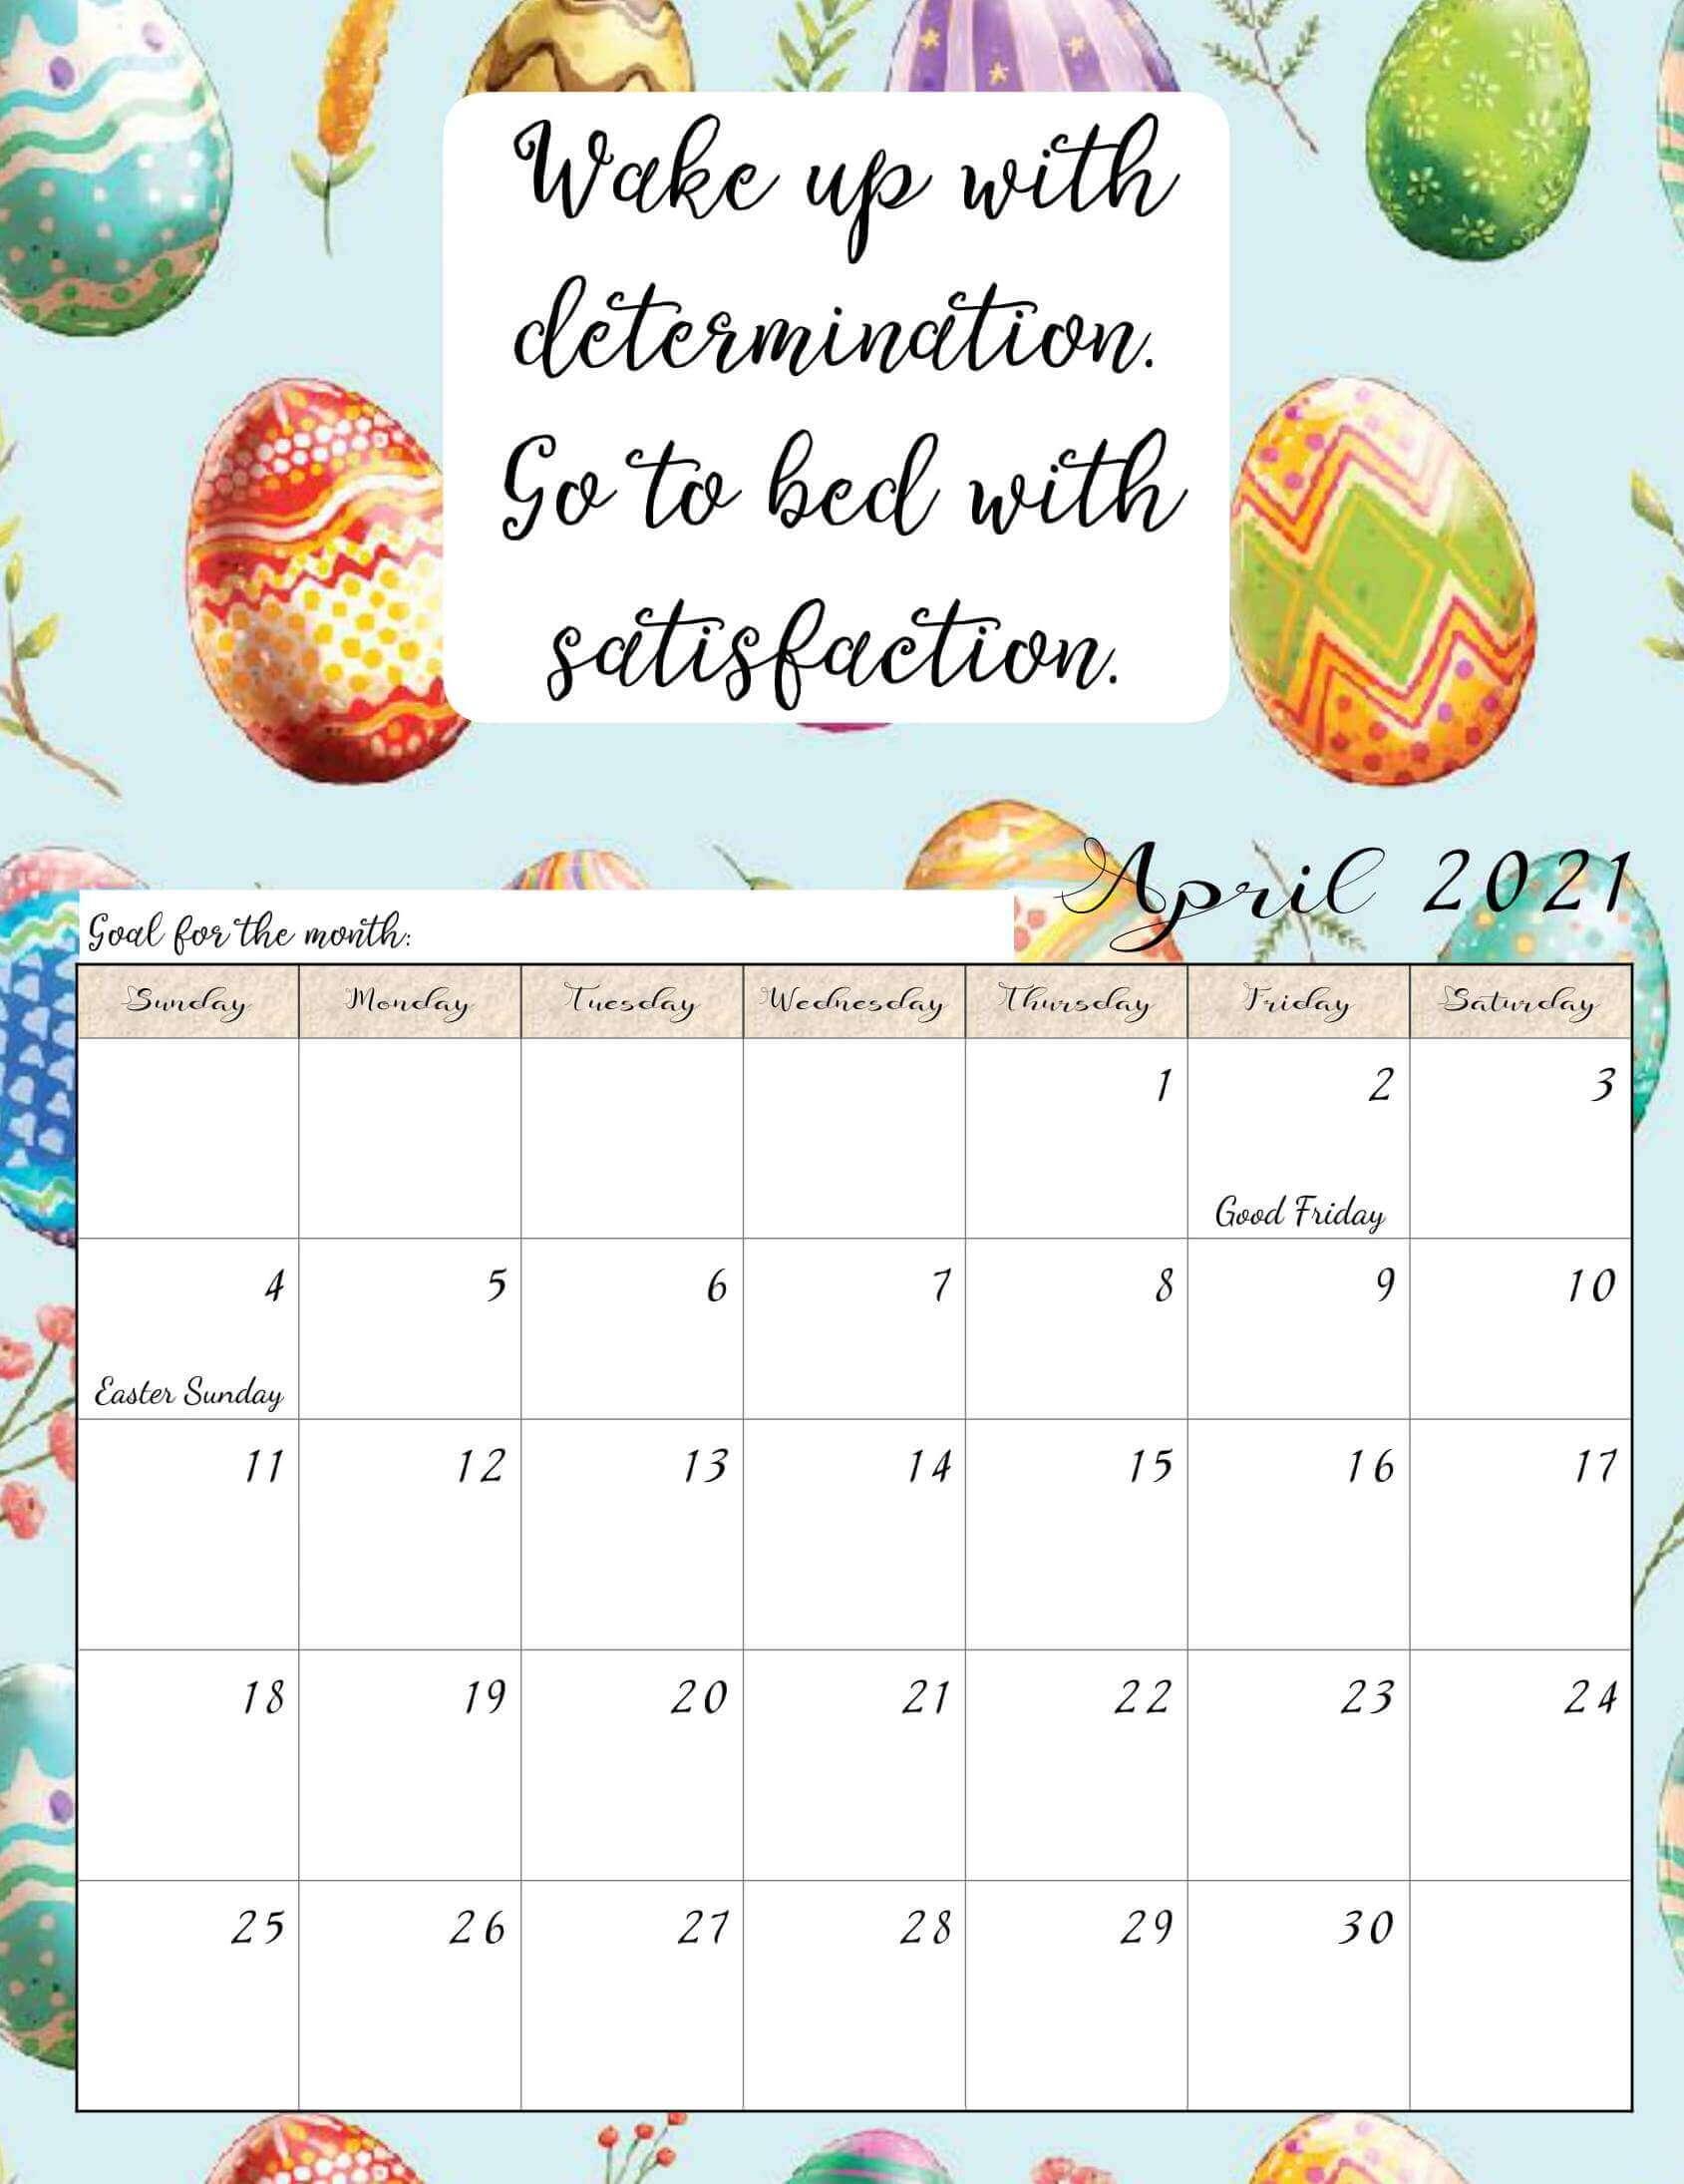 Inspirational April 2021 Calendar with Quotes